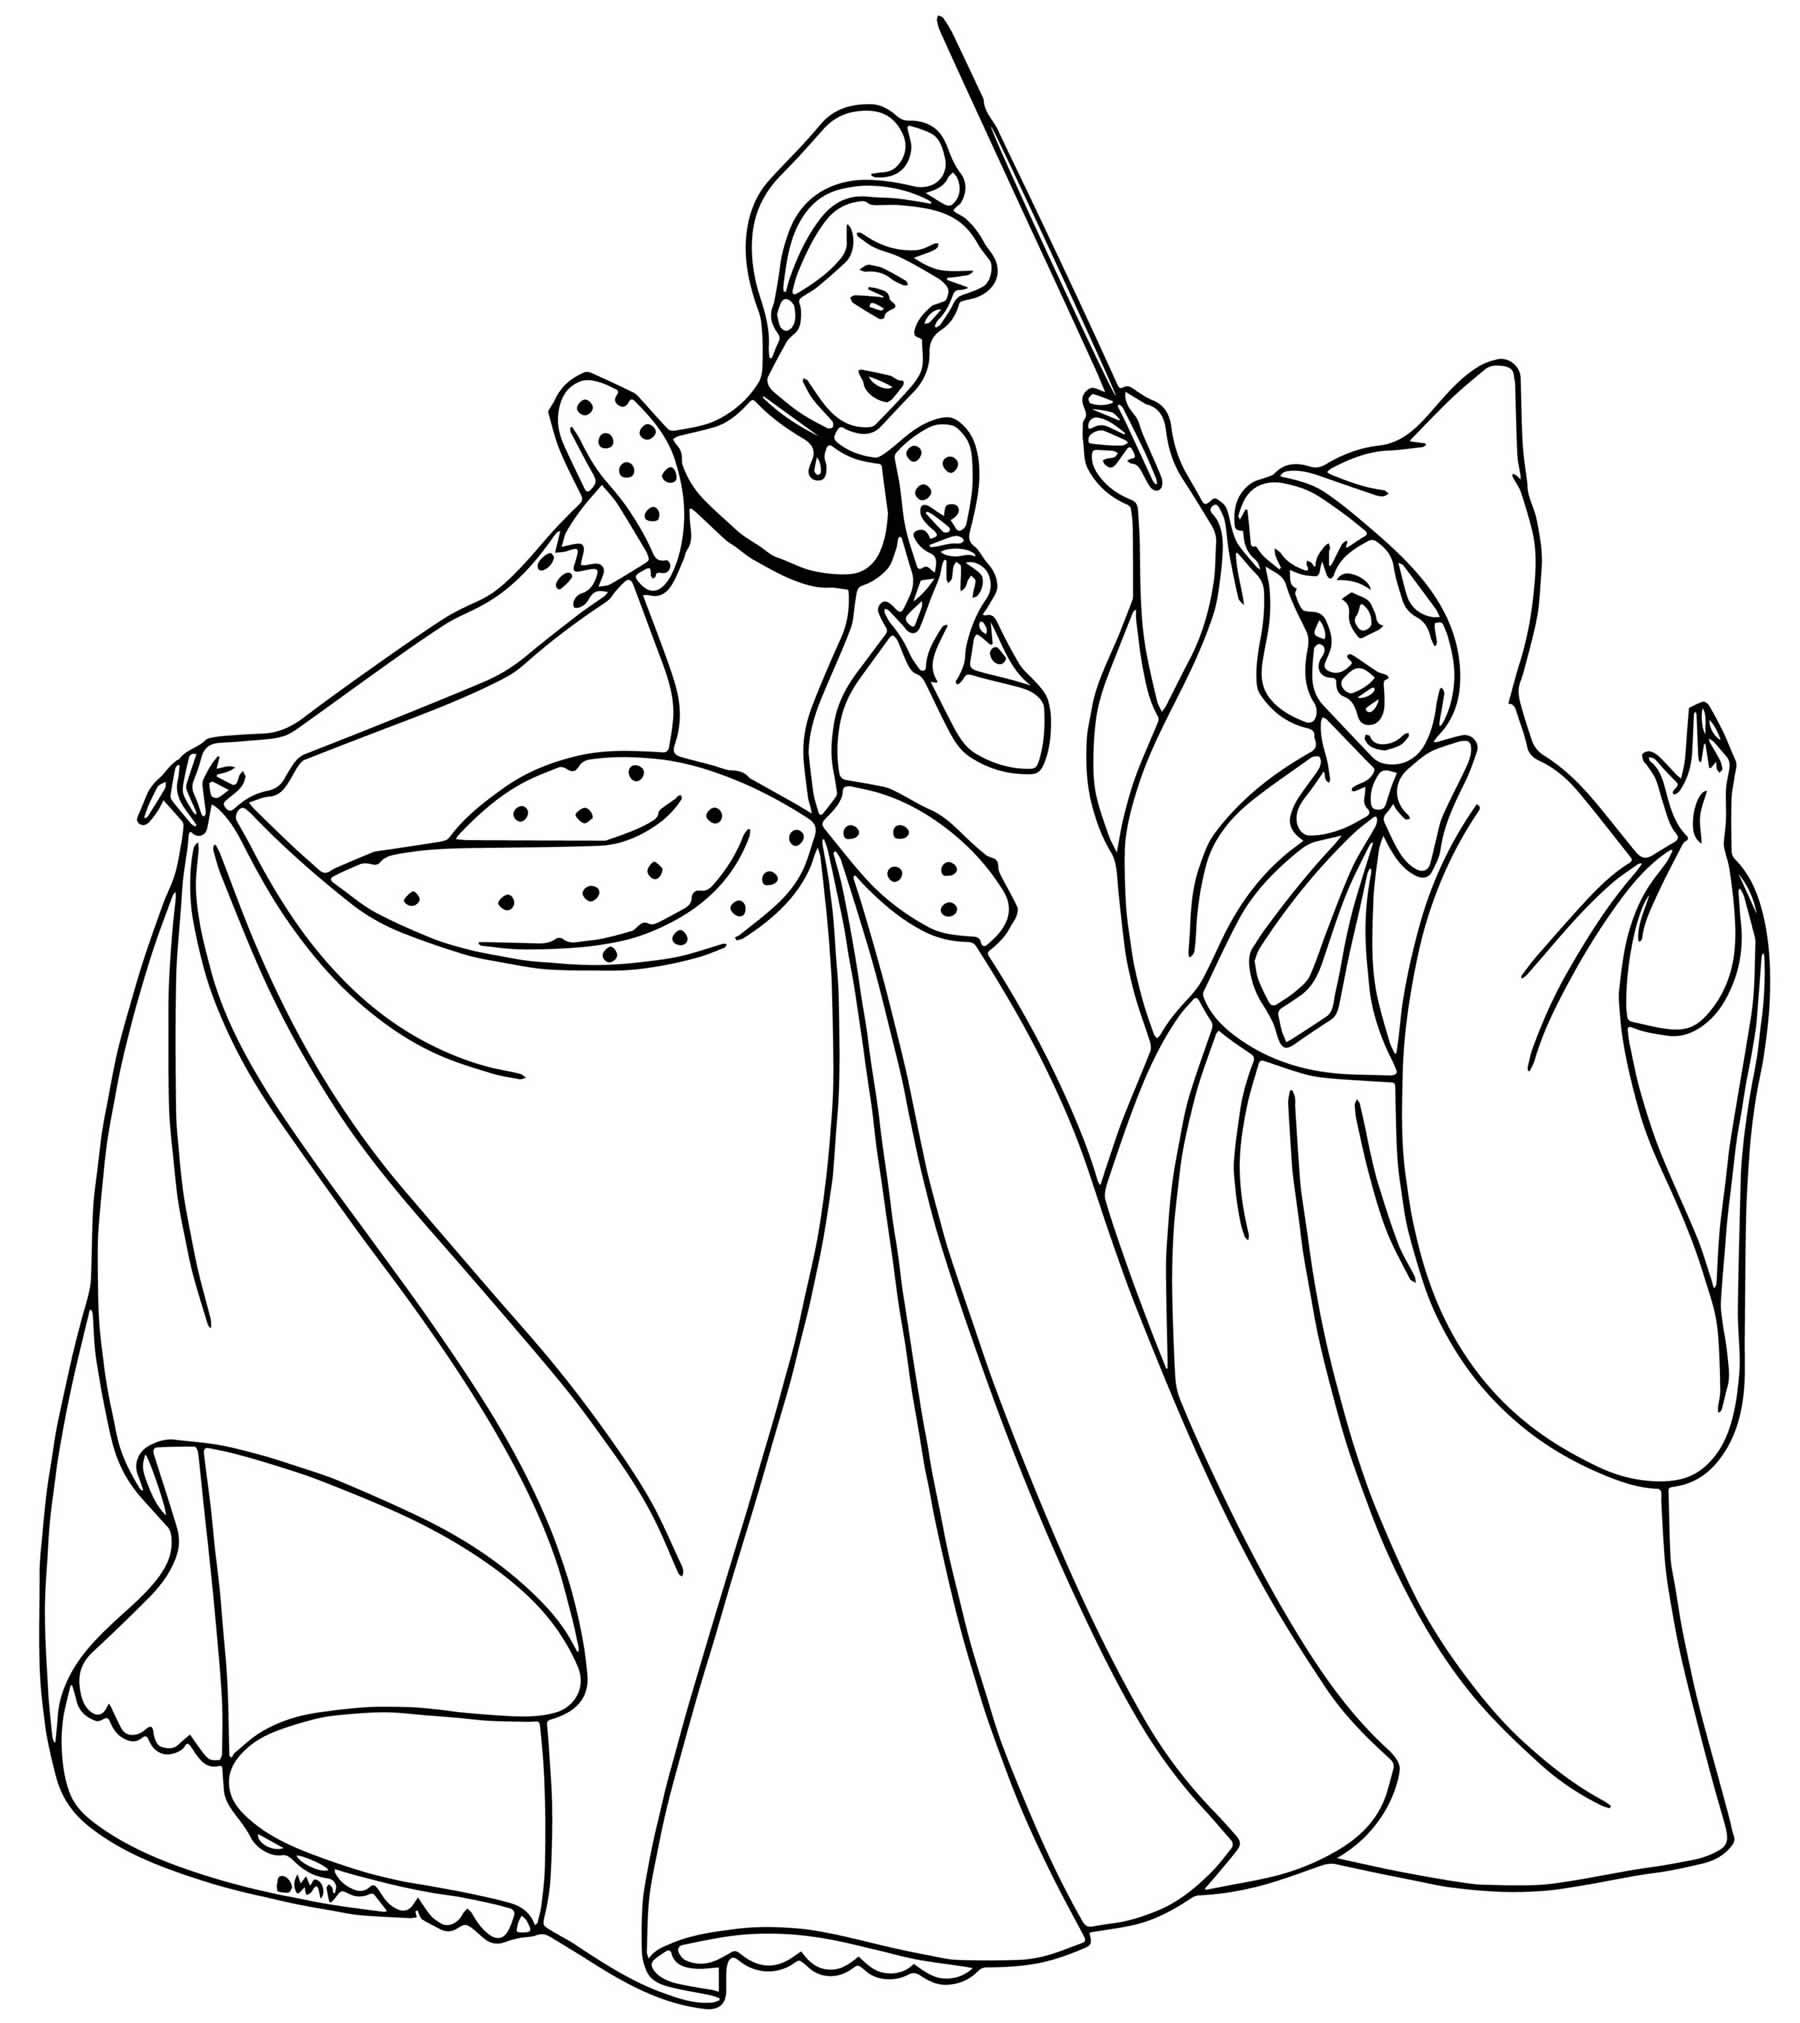 Imagem para colorir da Cinderela